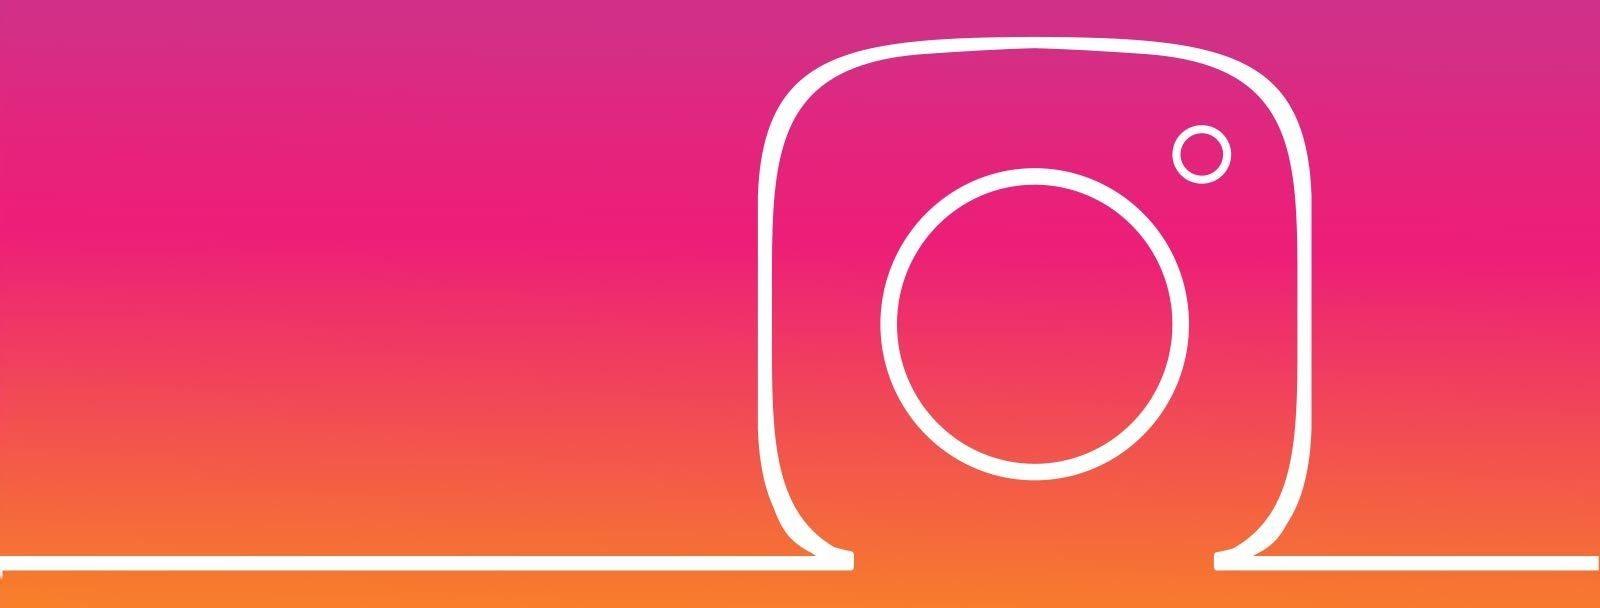 wil je ons volgen op Instagram?